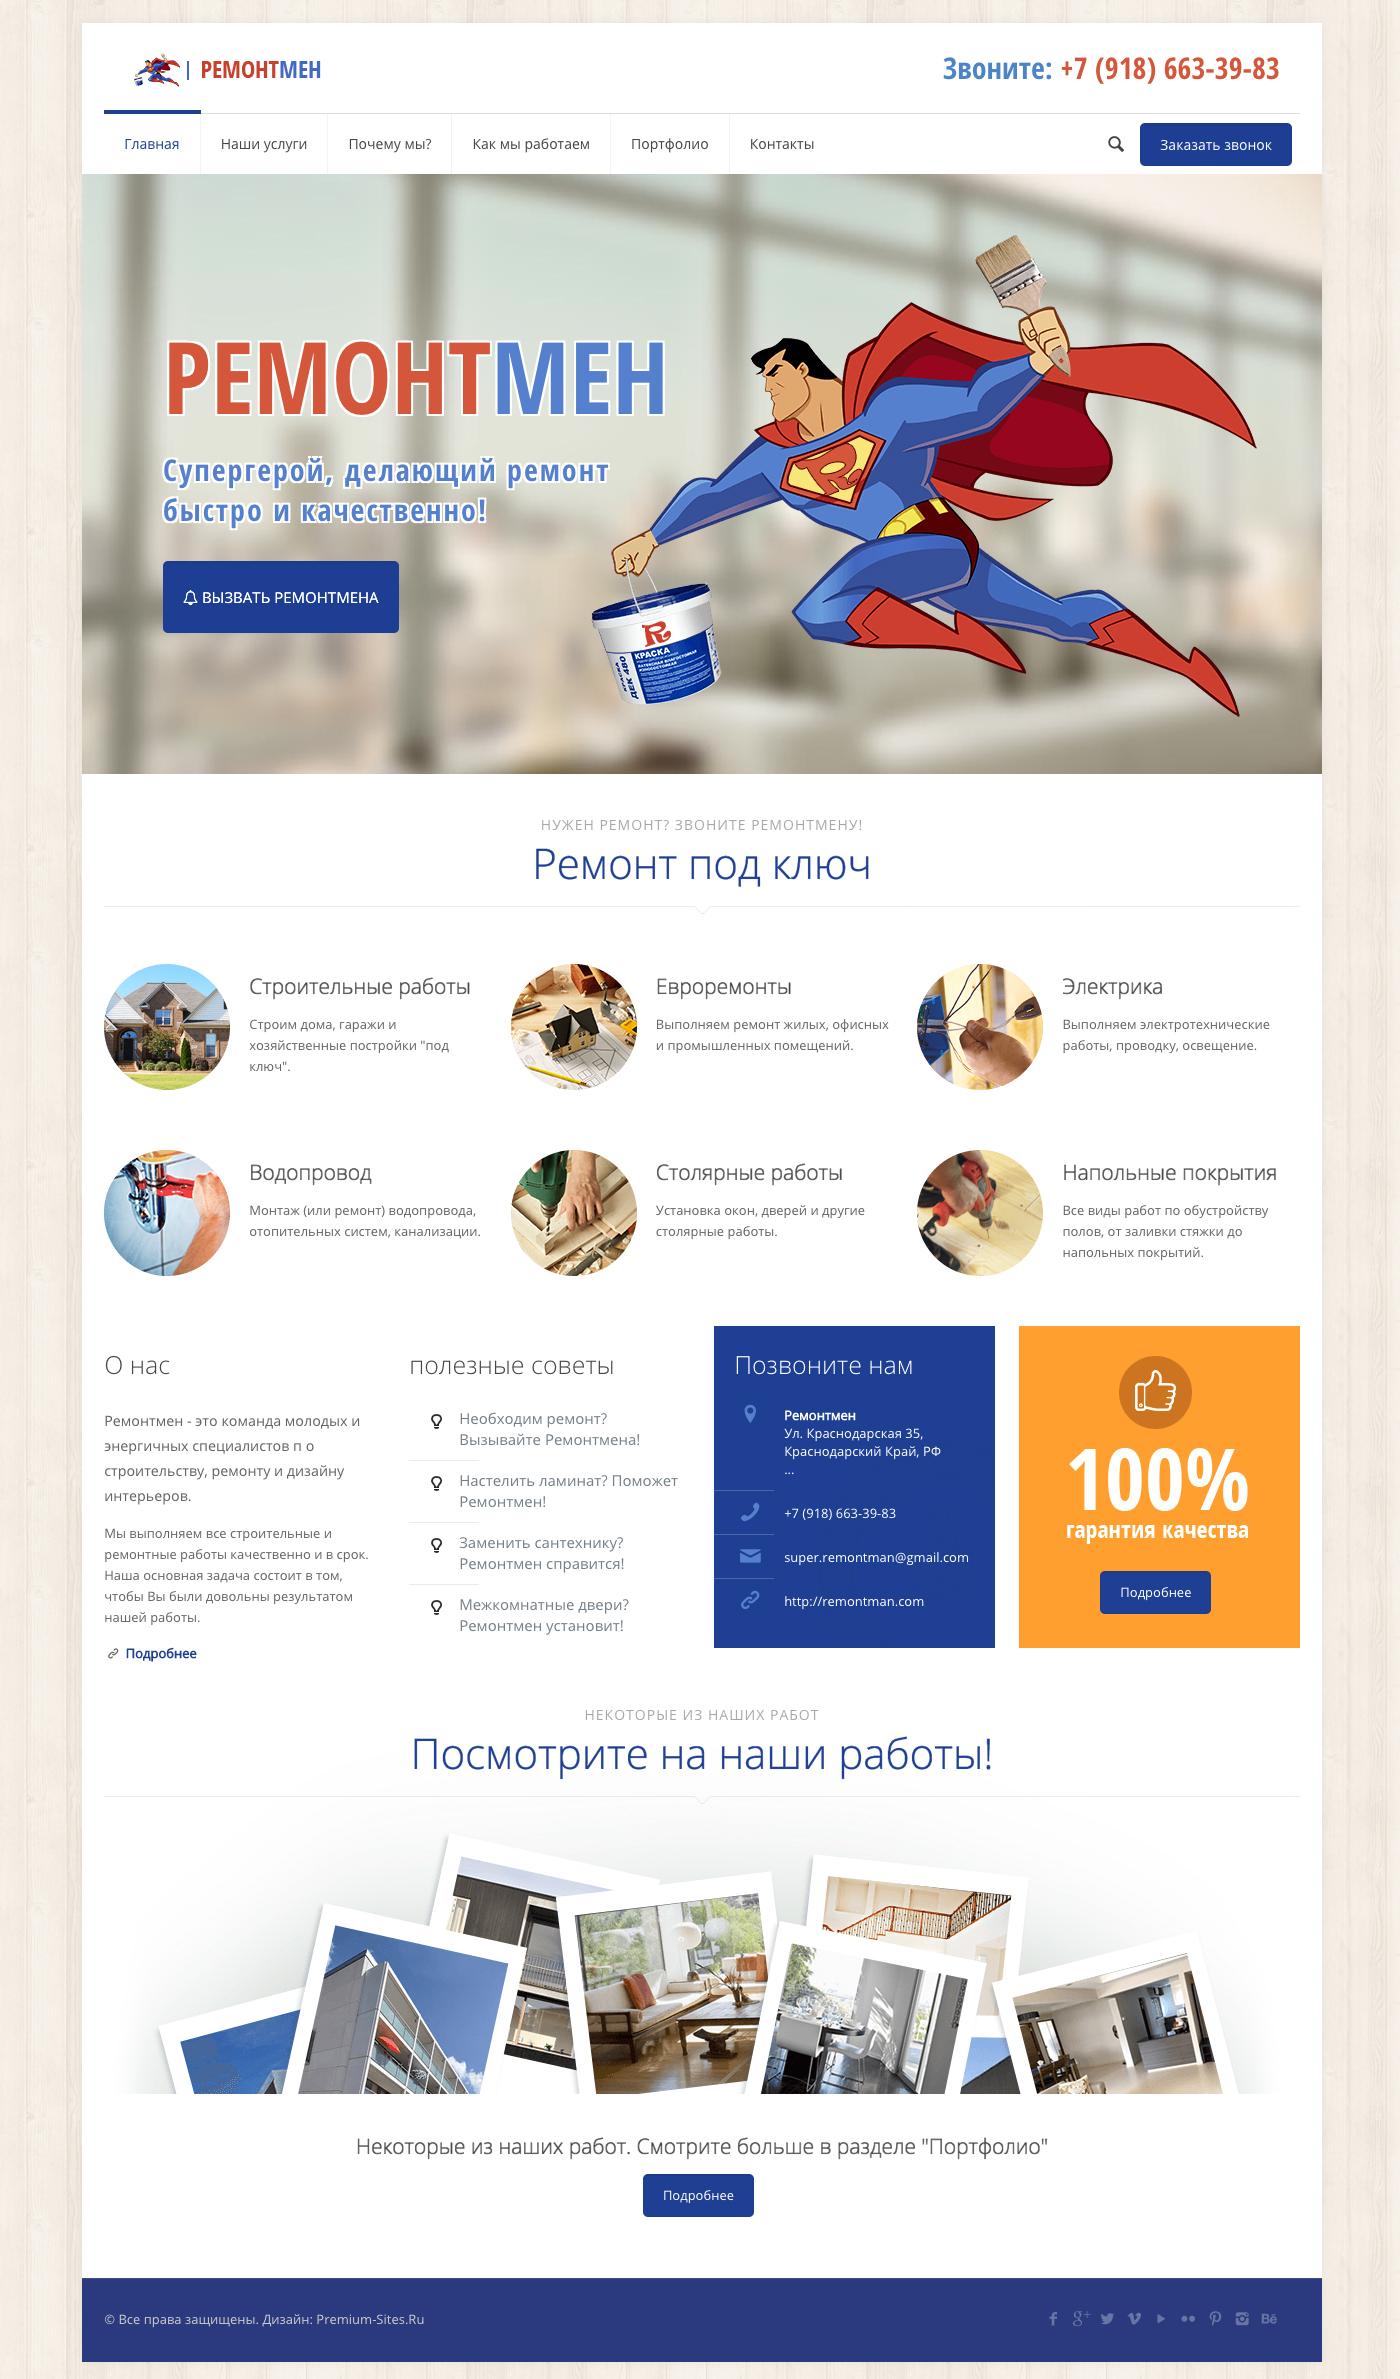 Ремонтмэн - сайт формы, делающей евроремонты